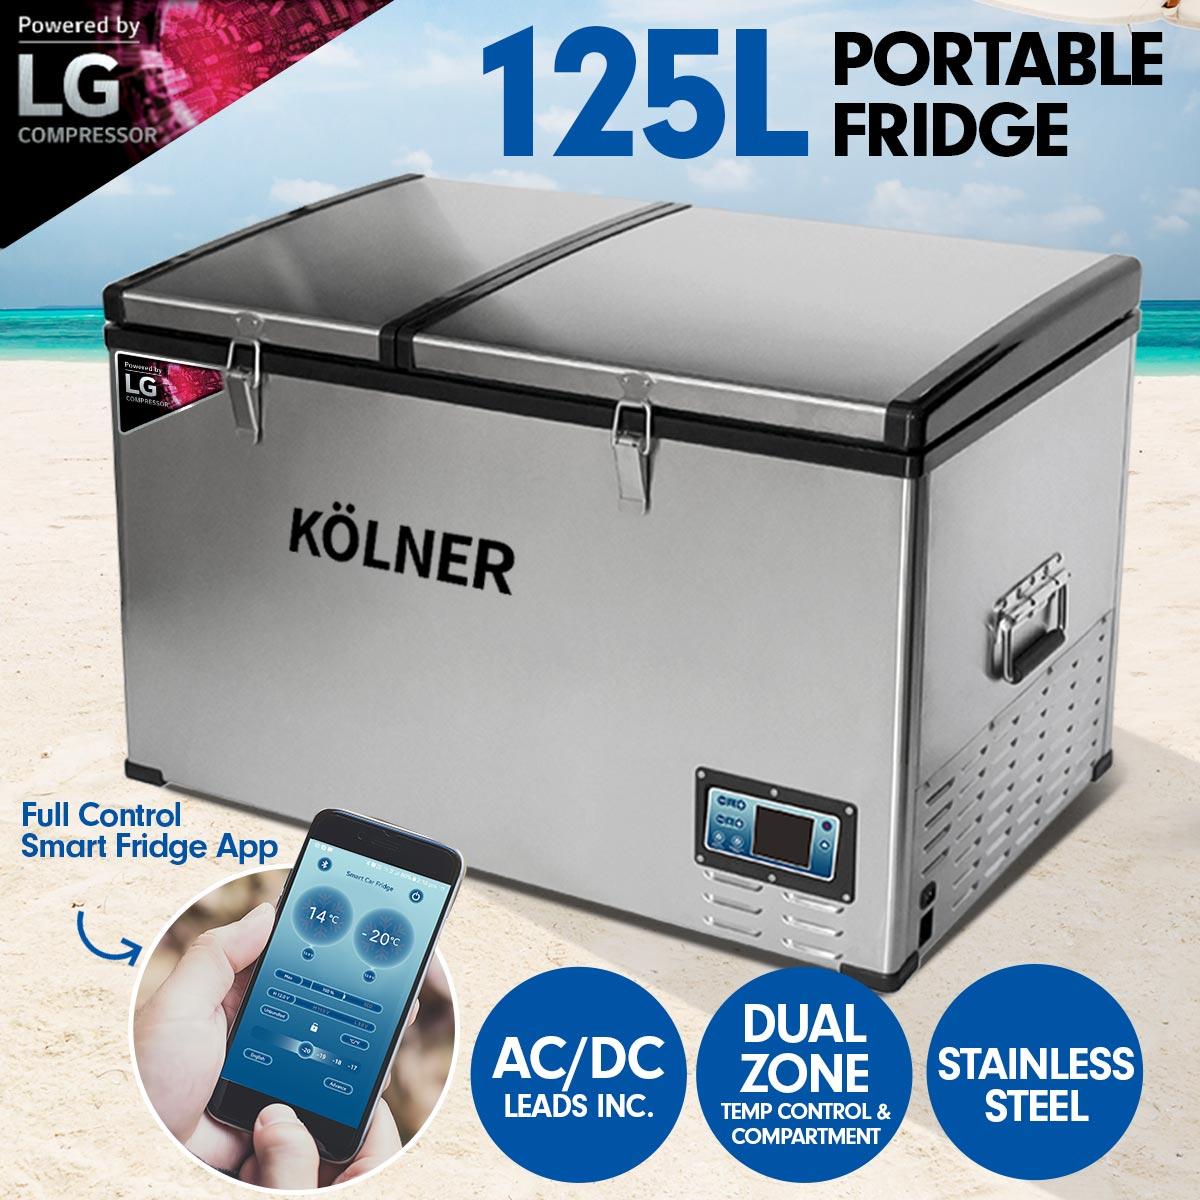 Kolner 125L Portable Fridge Cooler Freezer Camping with LG Compressor